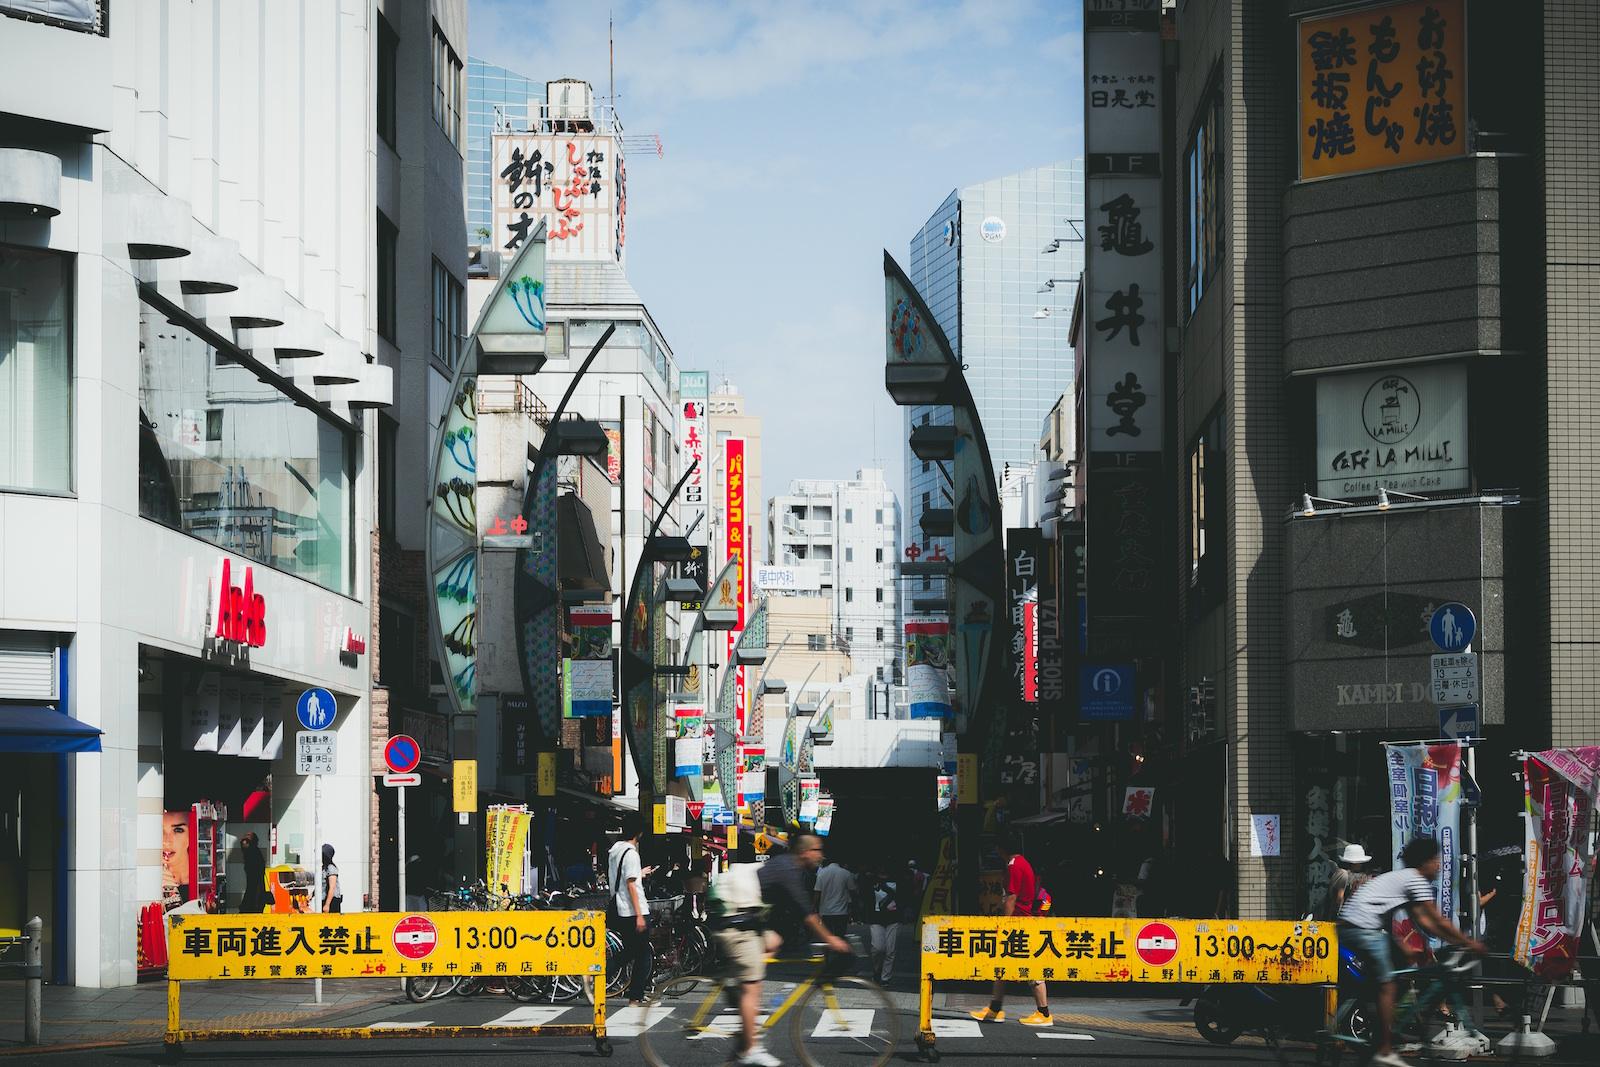 улицы японского города в солнечный день